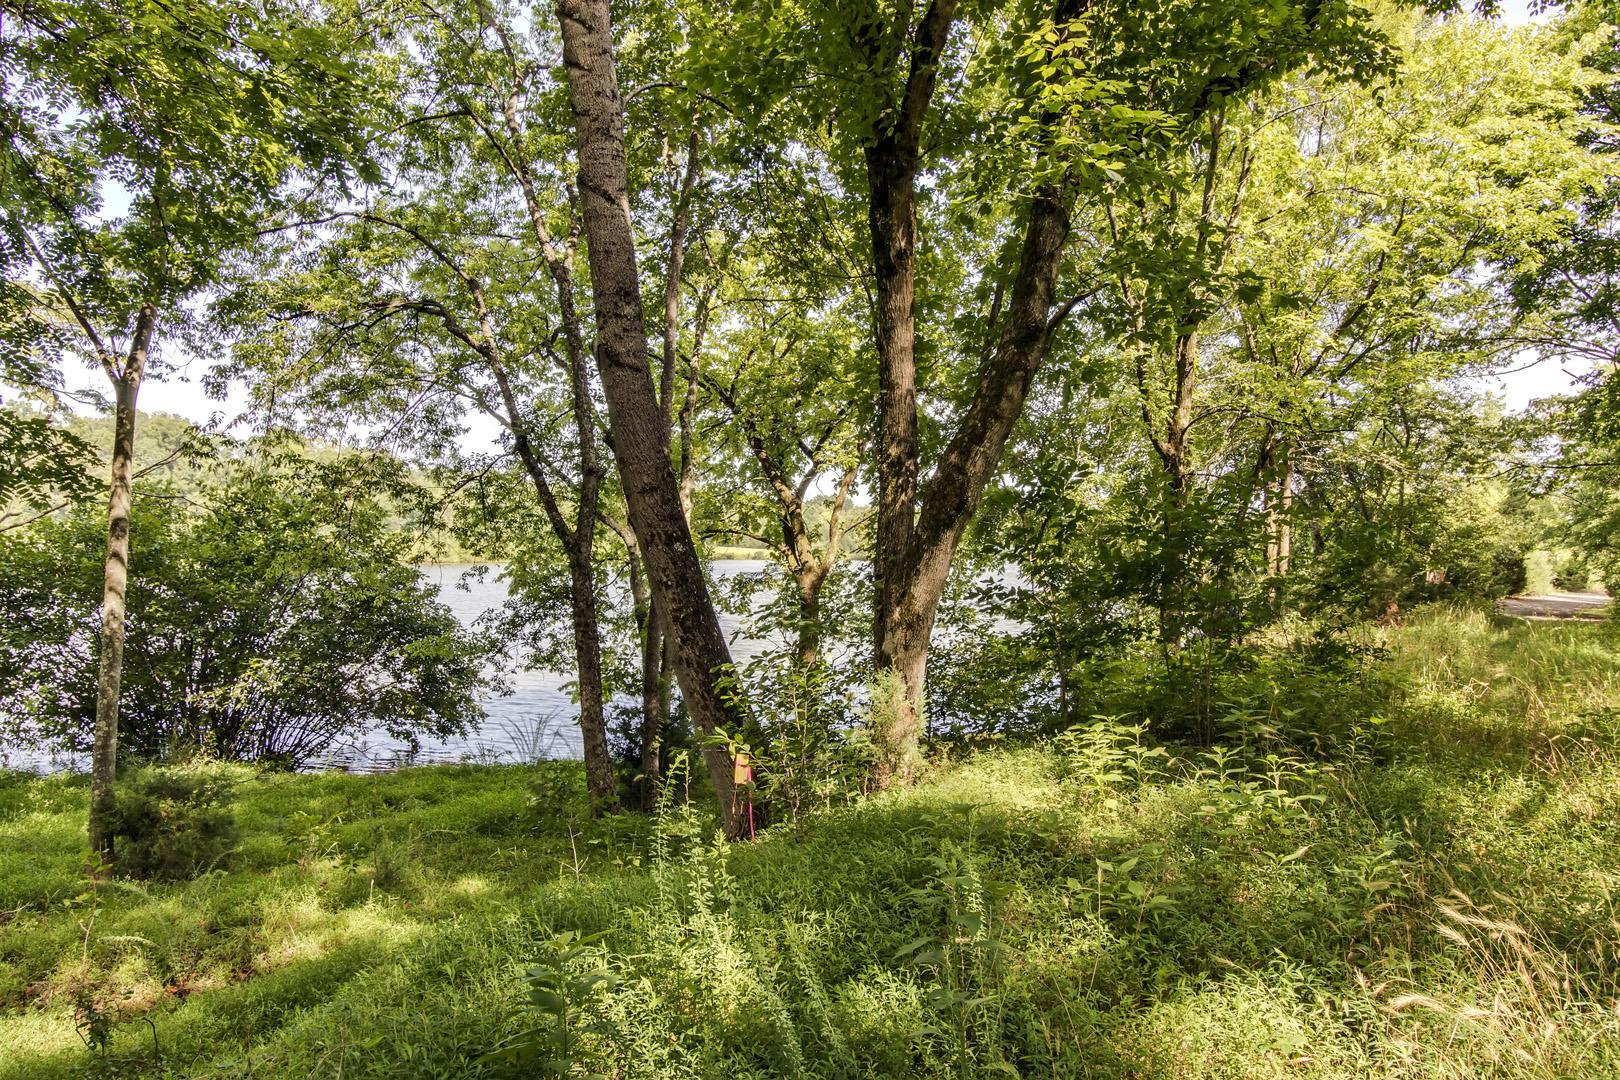 Didodi Trail: